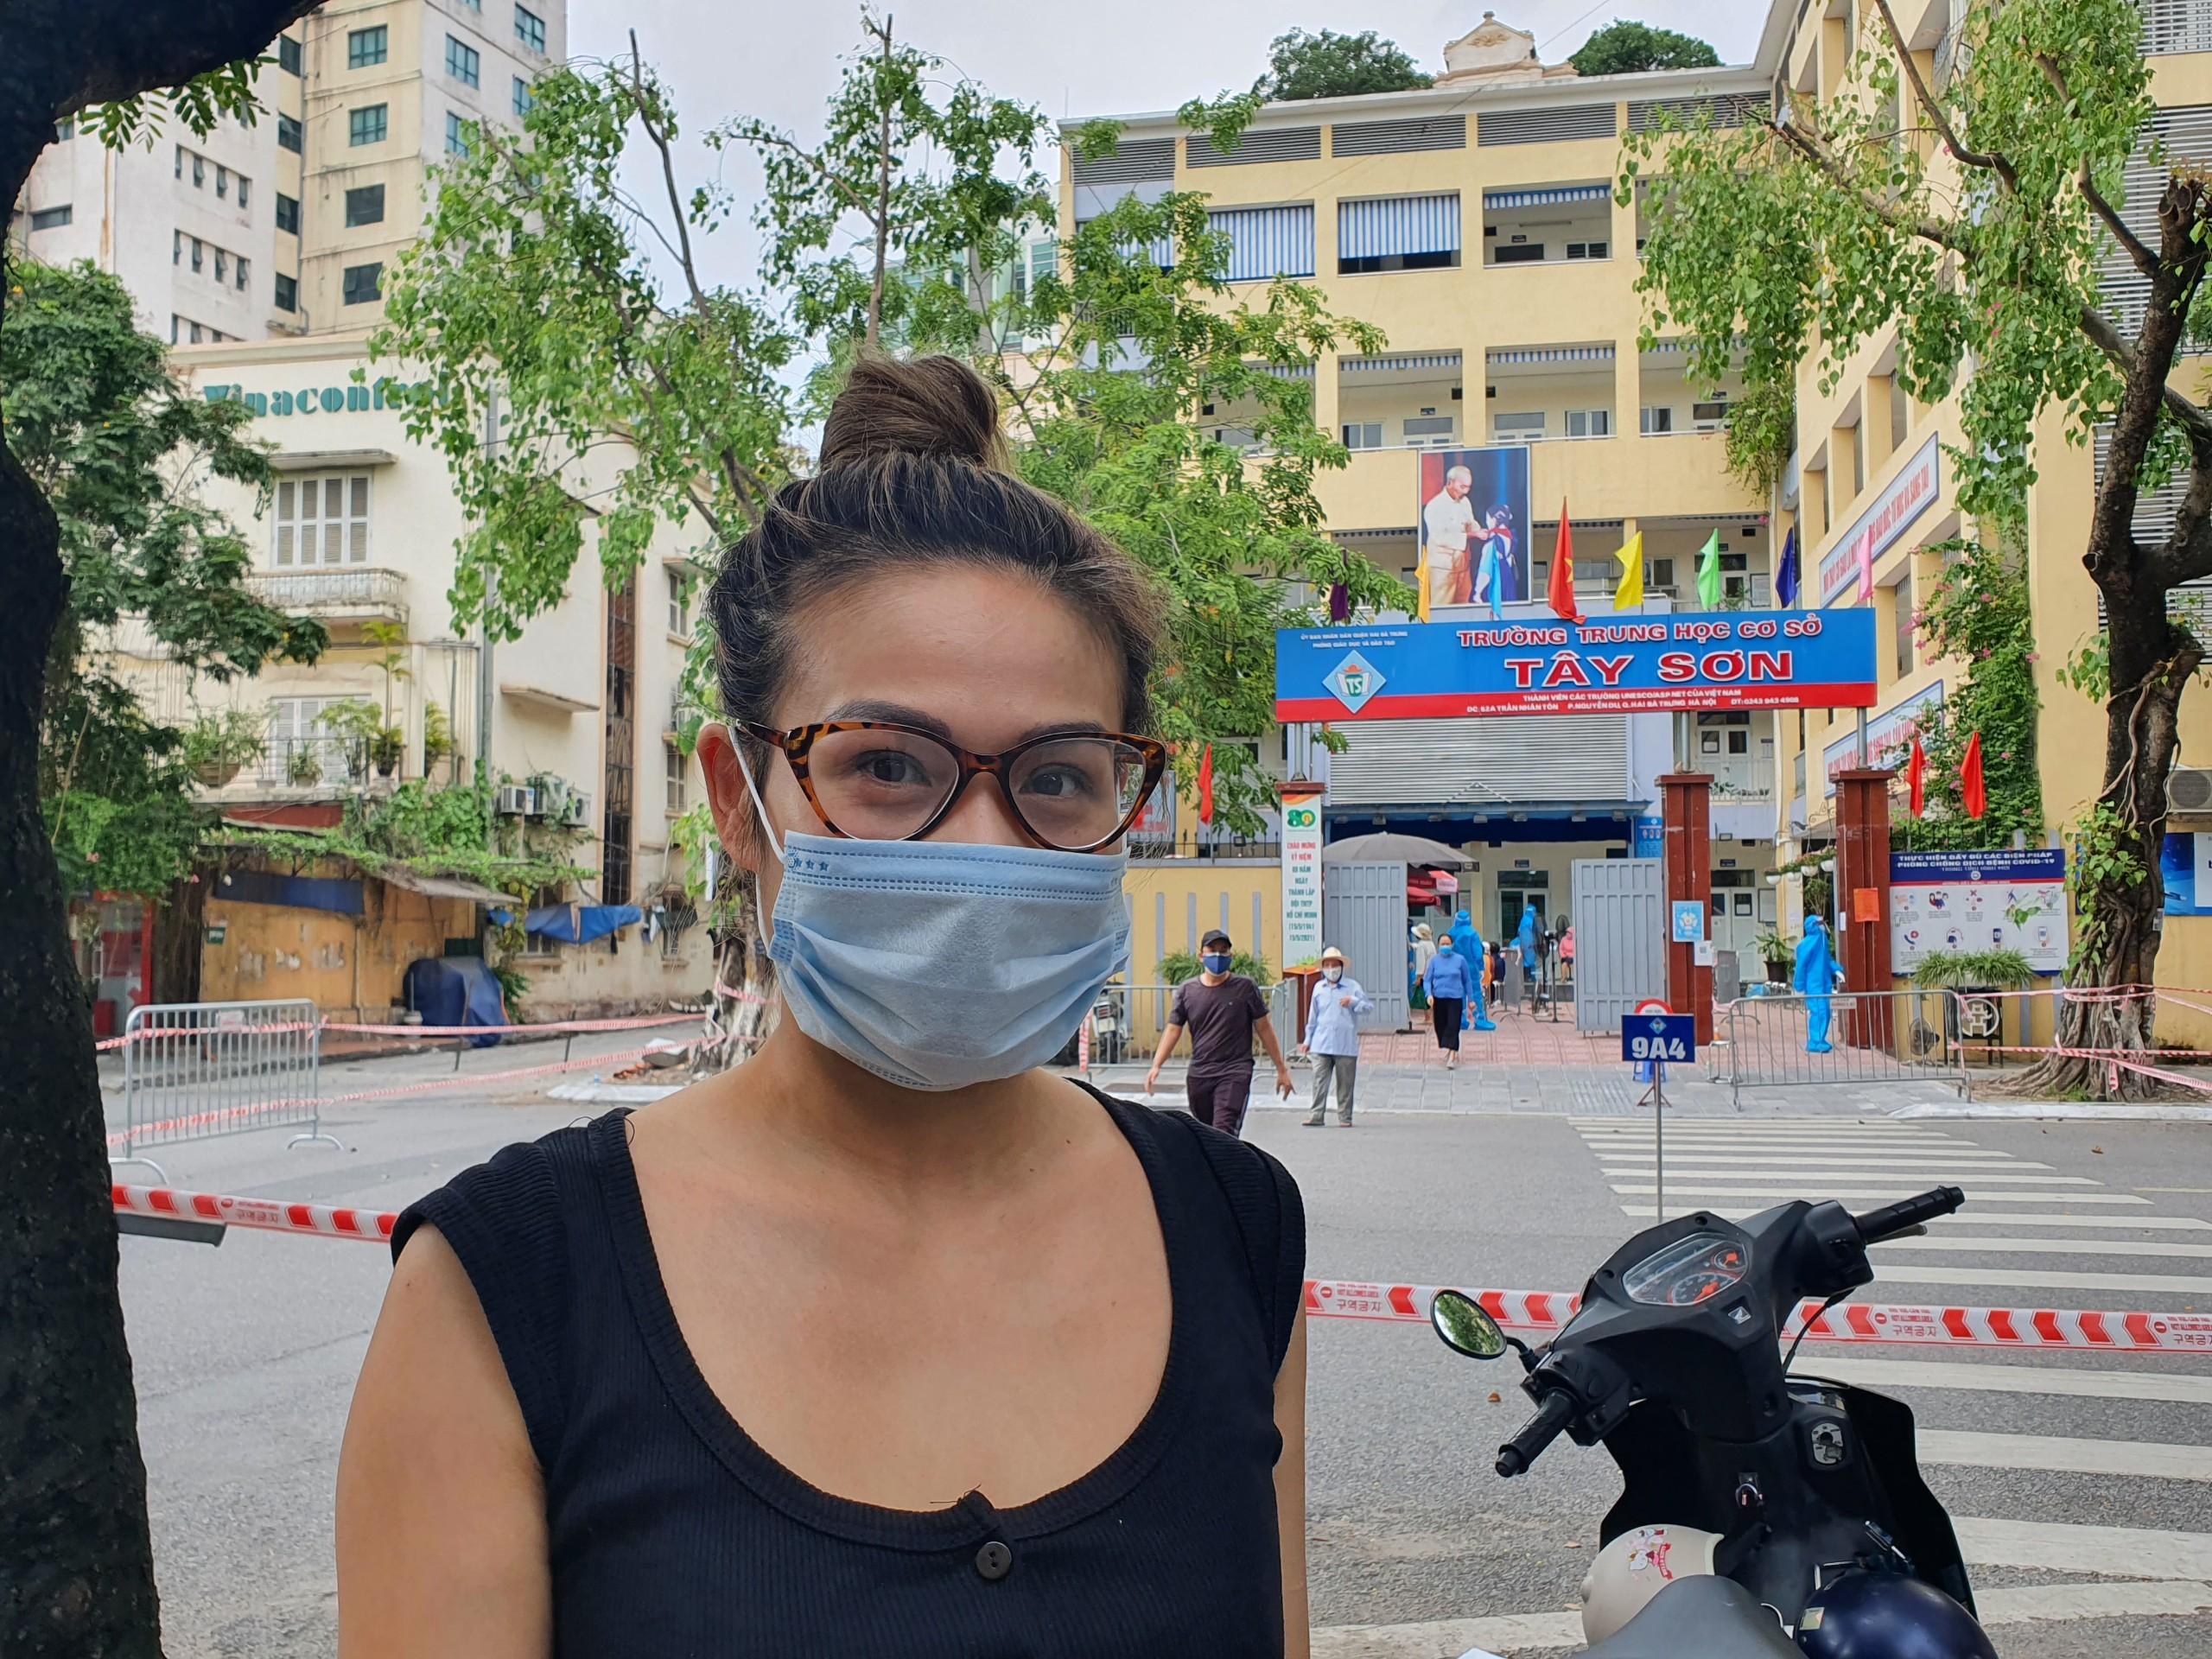 Chị Nguyễn Phương Anh (36 tuổi) cho biết, quy trình lấy mẫu rất nhanh gọn, đơn giản và không mất thời gian. Mọi công tác chuẩn bị và phòng trách dịch Covid-19 đều được ban tổ chức thực hiện rất tốt.